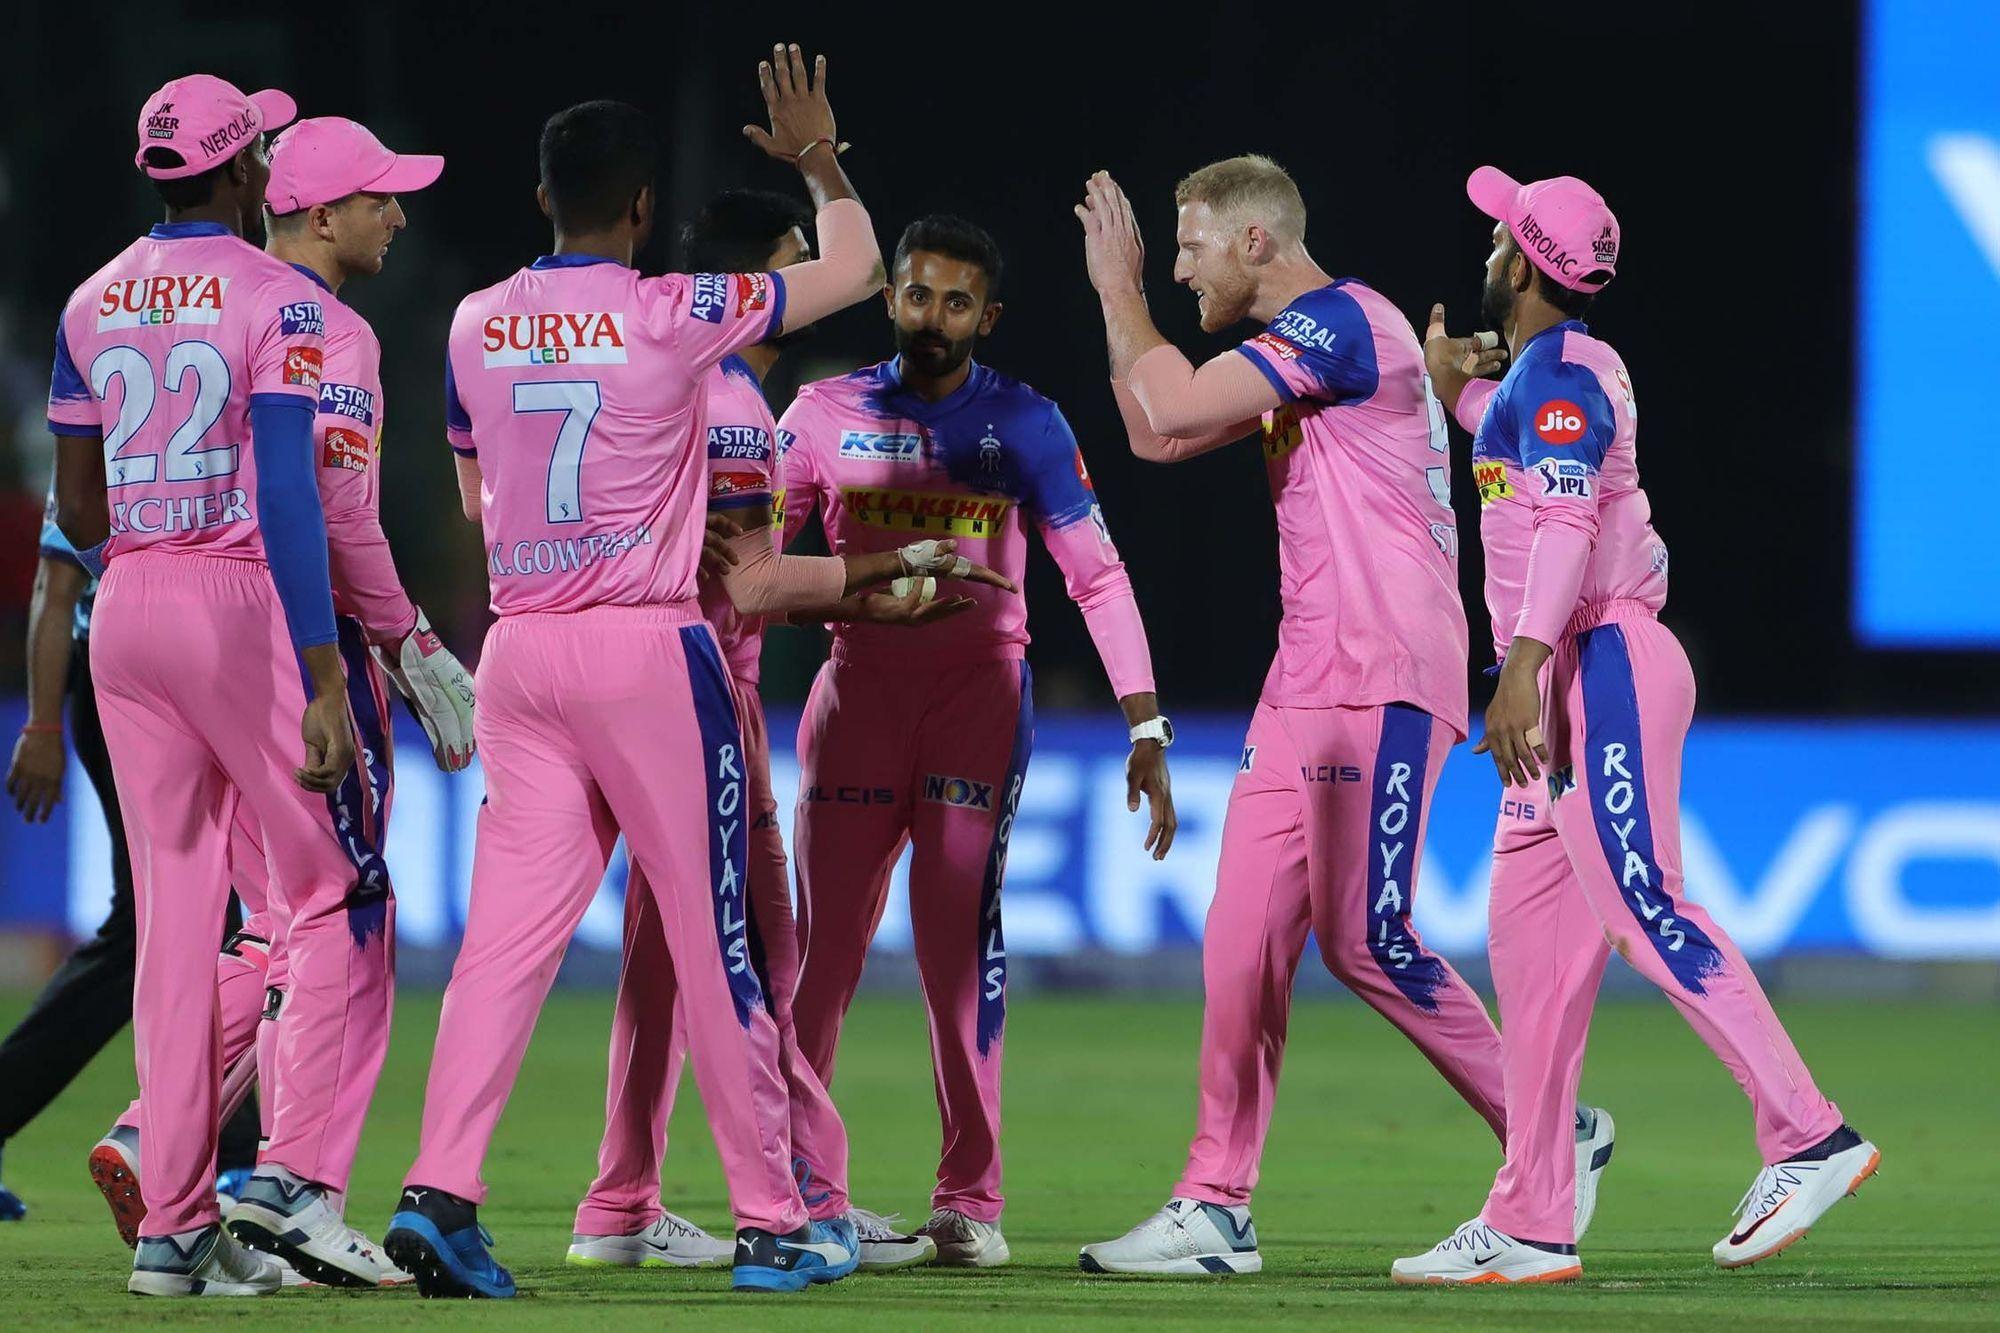 MIvsRR : चेन्नई से मिली हार के बाद इन खिलाड़ियों को बाहर कर इस 11 सदस्यीय टीम के साथ उतर सकती है राजस्थान 1